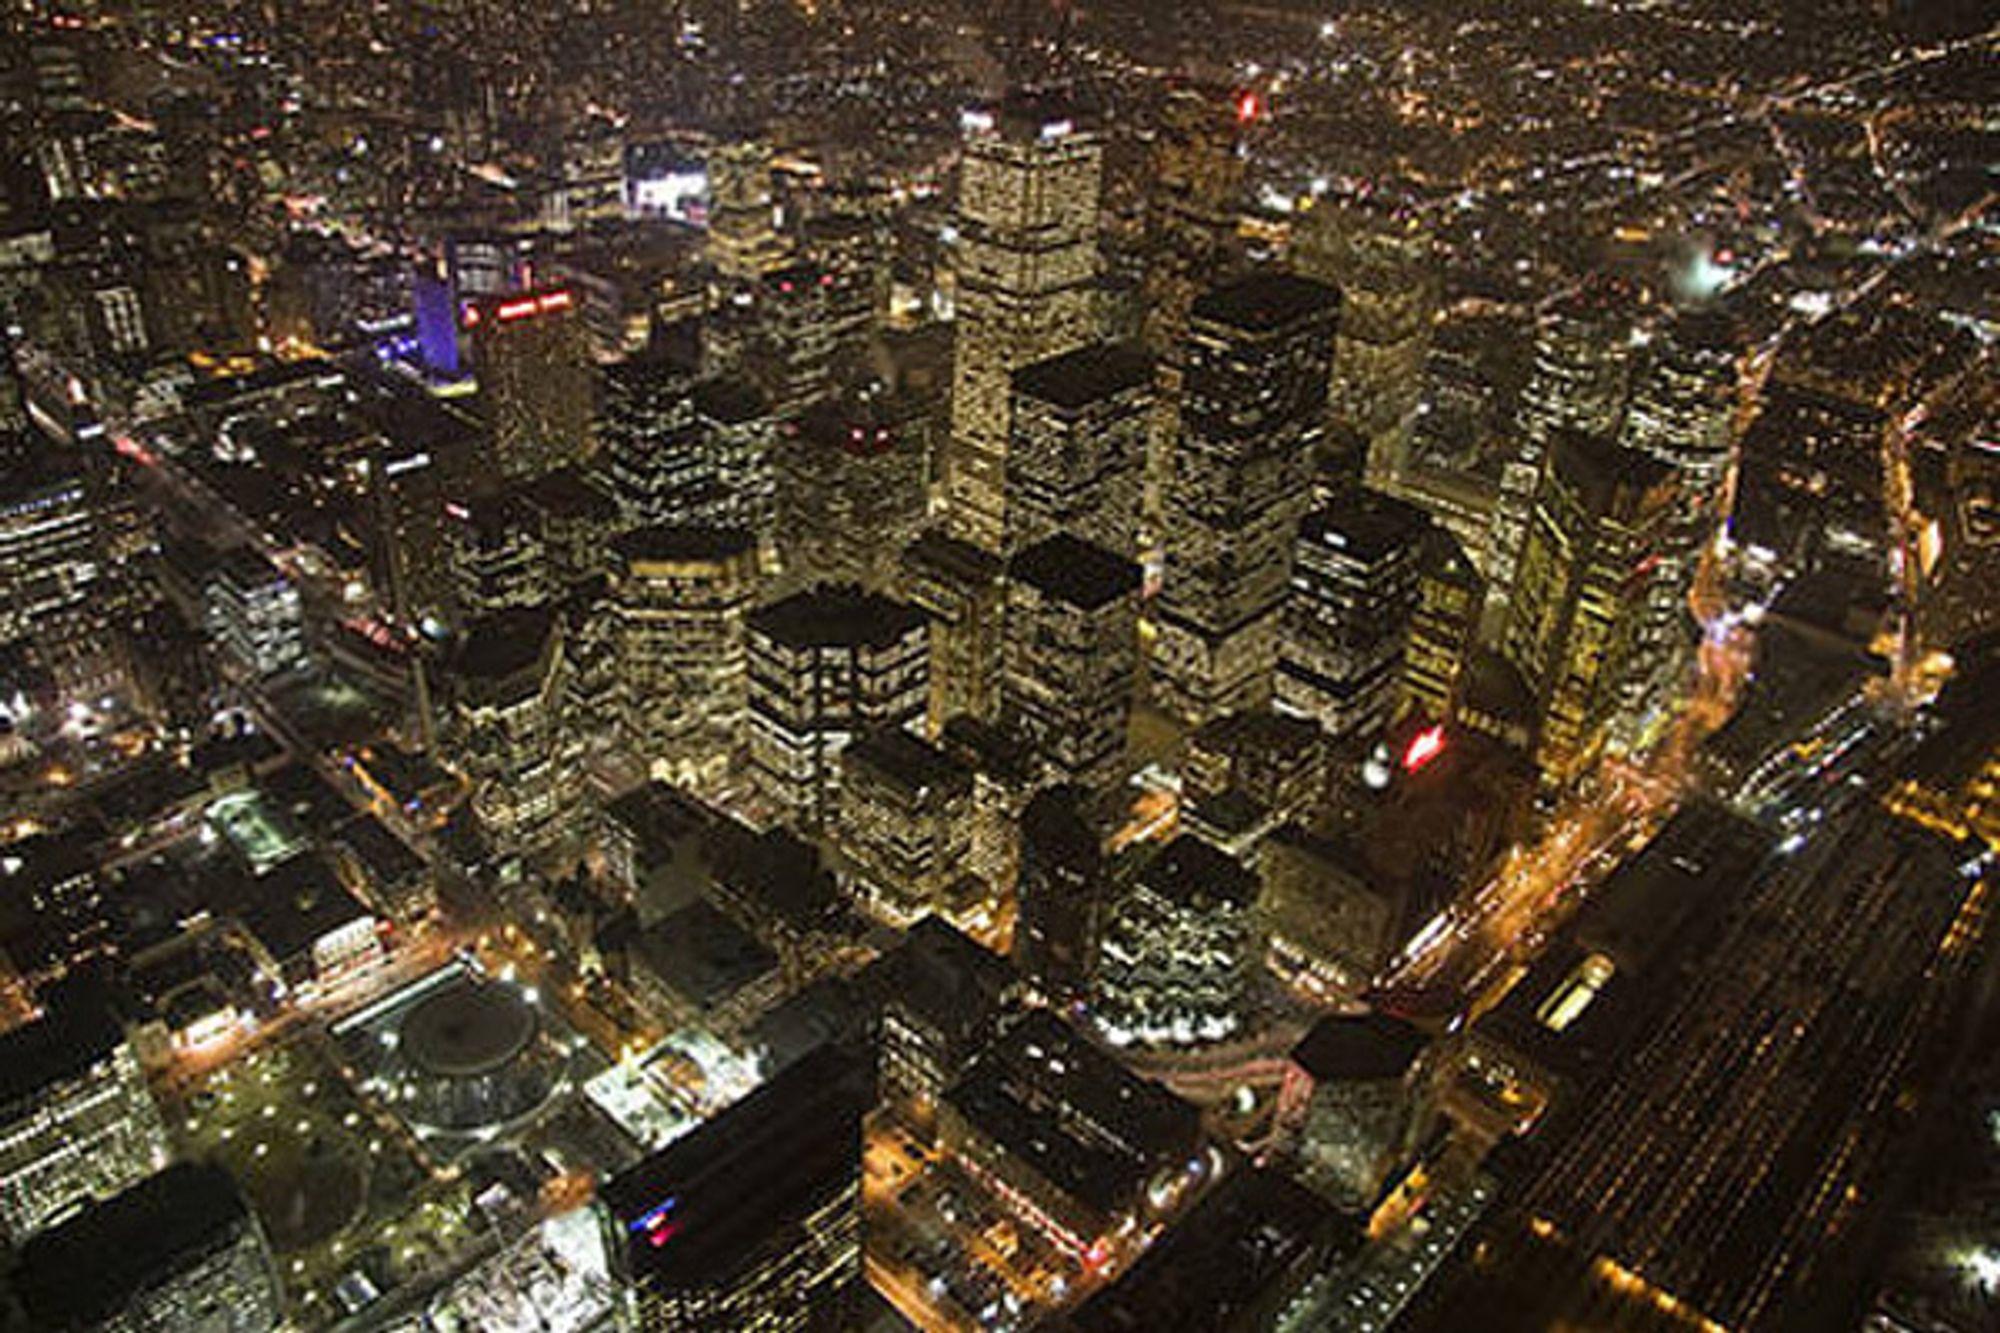 Toronto sentrum før lyset ble slått av under Earth hour 2008.